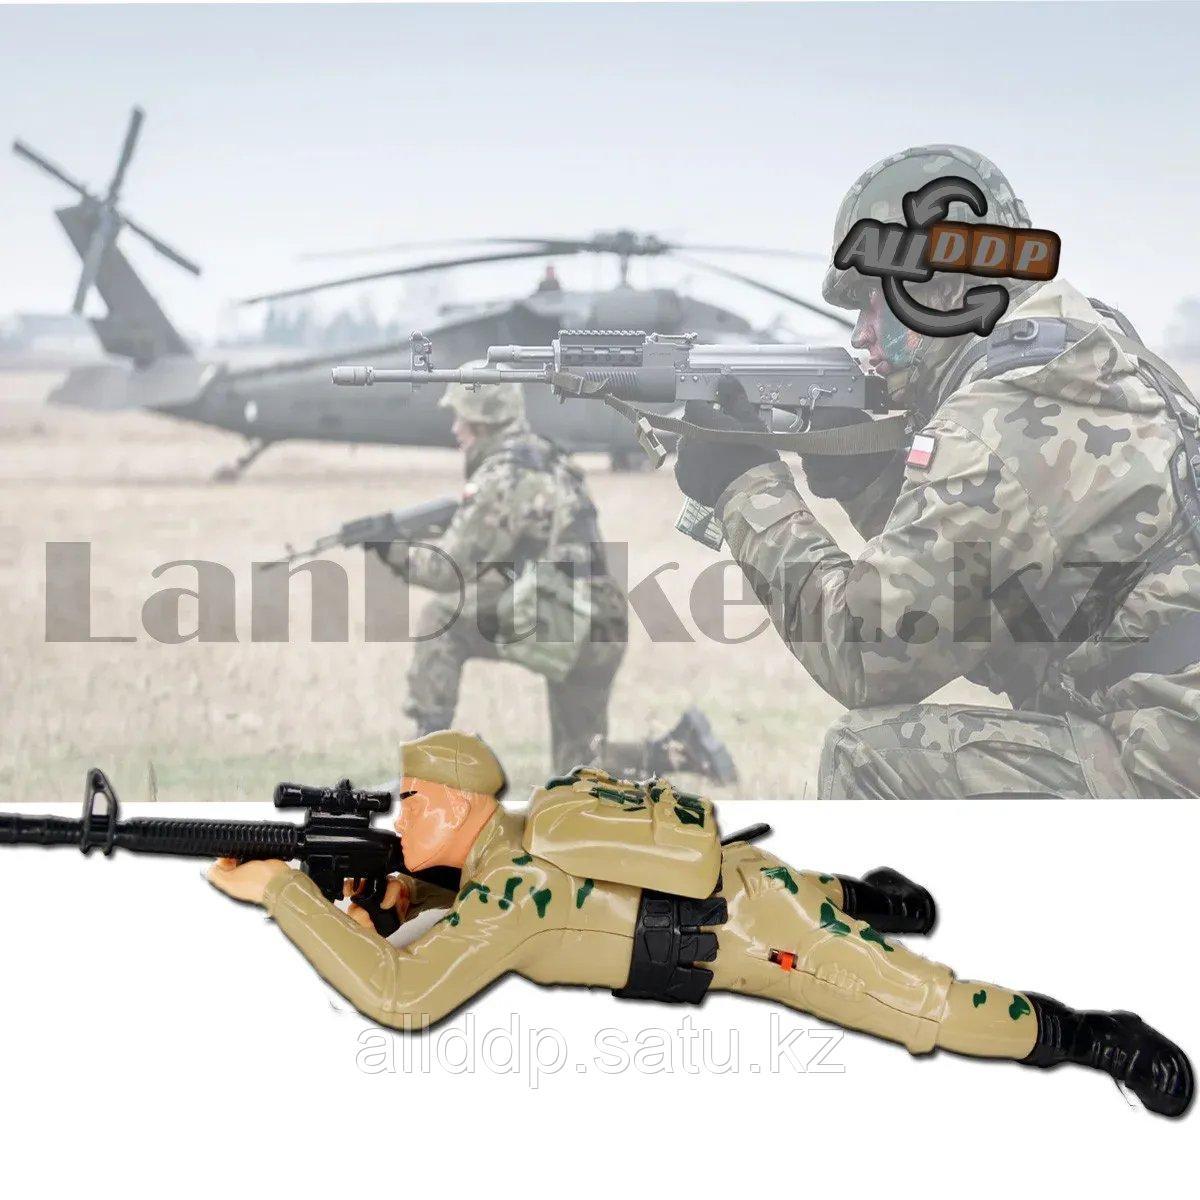 Игрушка солдат подвижная на батарейках со звуковыми и световыми эффектами Military force большой